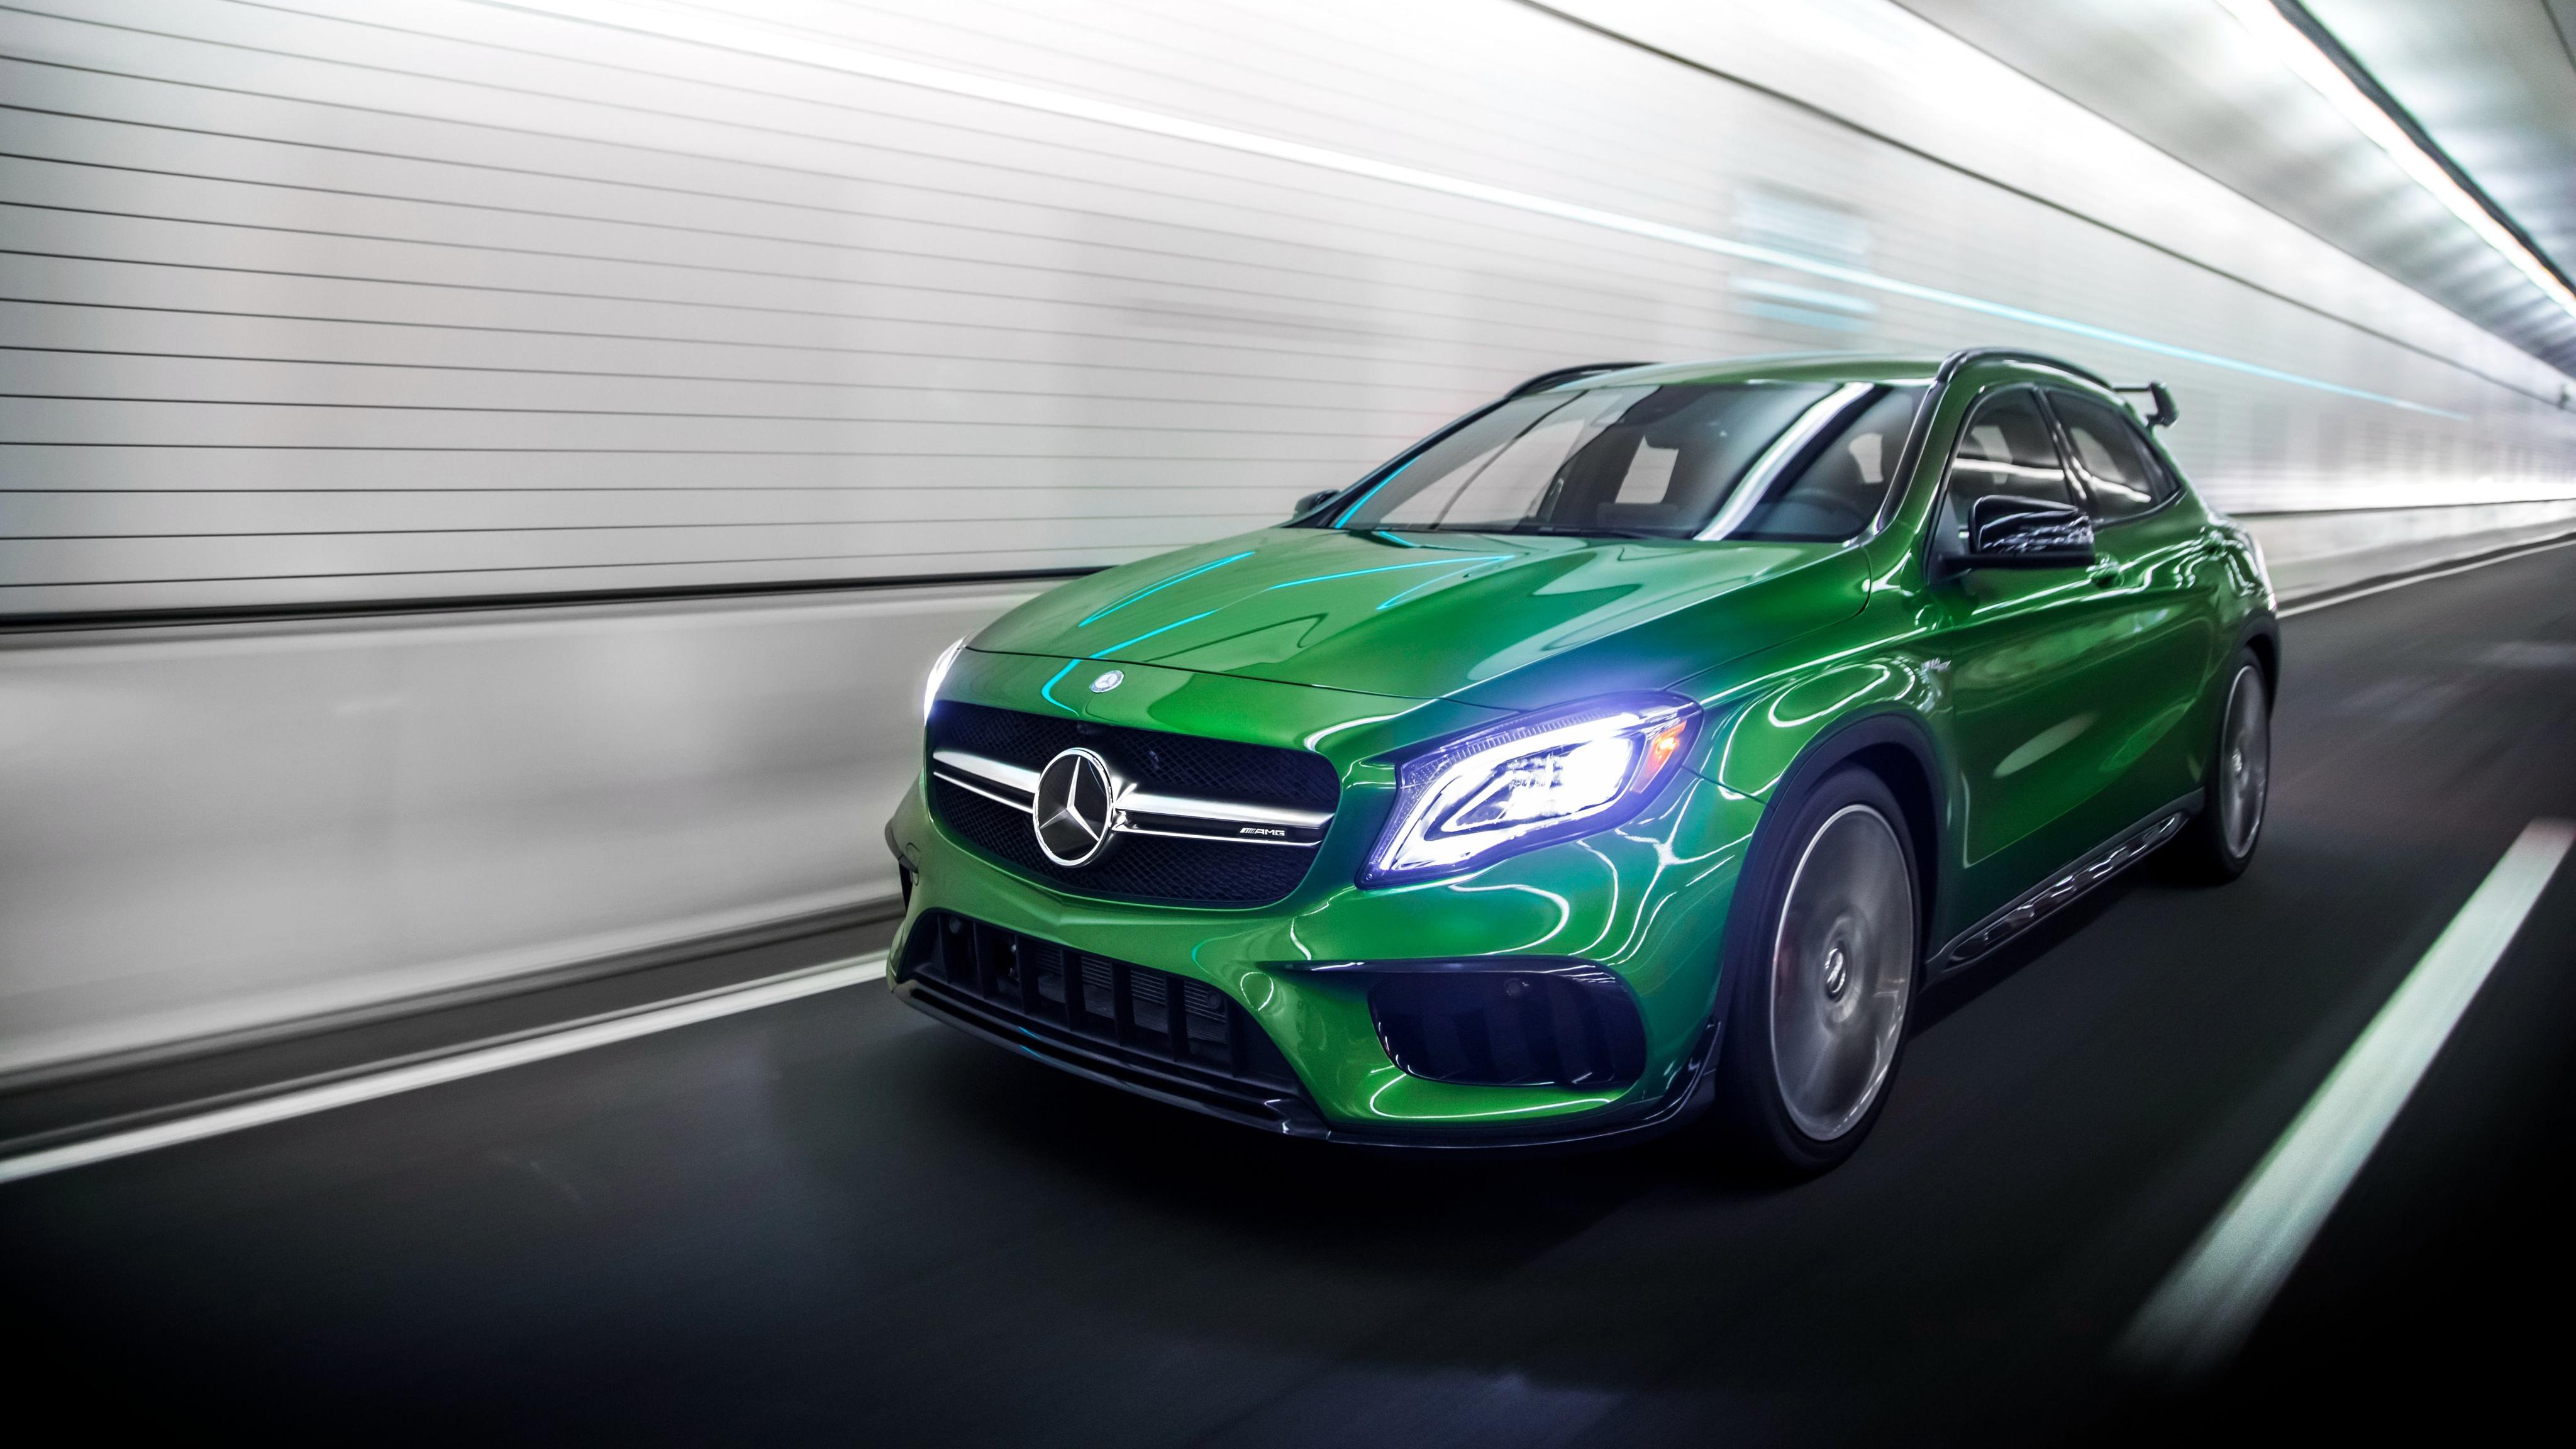 2018 Mercedes Amg Gla 45 4matic 4k 2 Wallpaper Hd Car Wallpapers Id 9345 2018 mercedes amg gla 45 4matic 4k